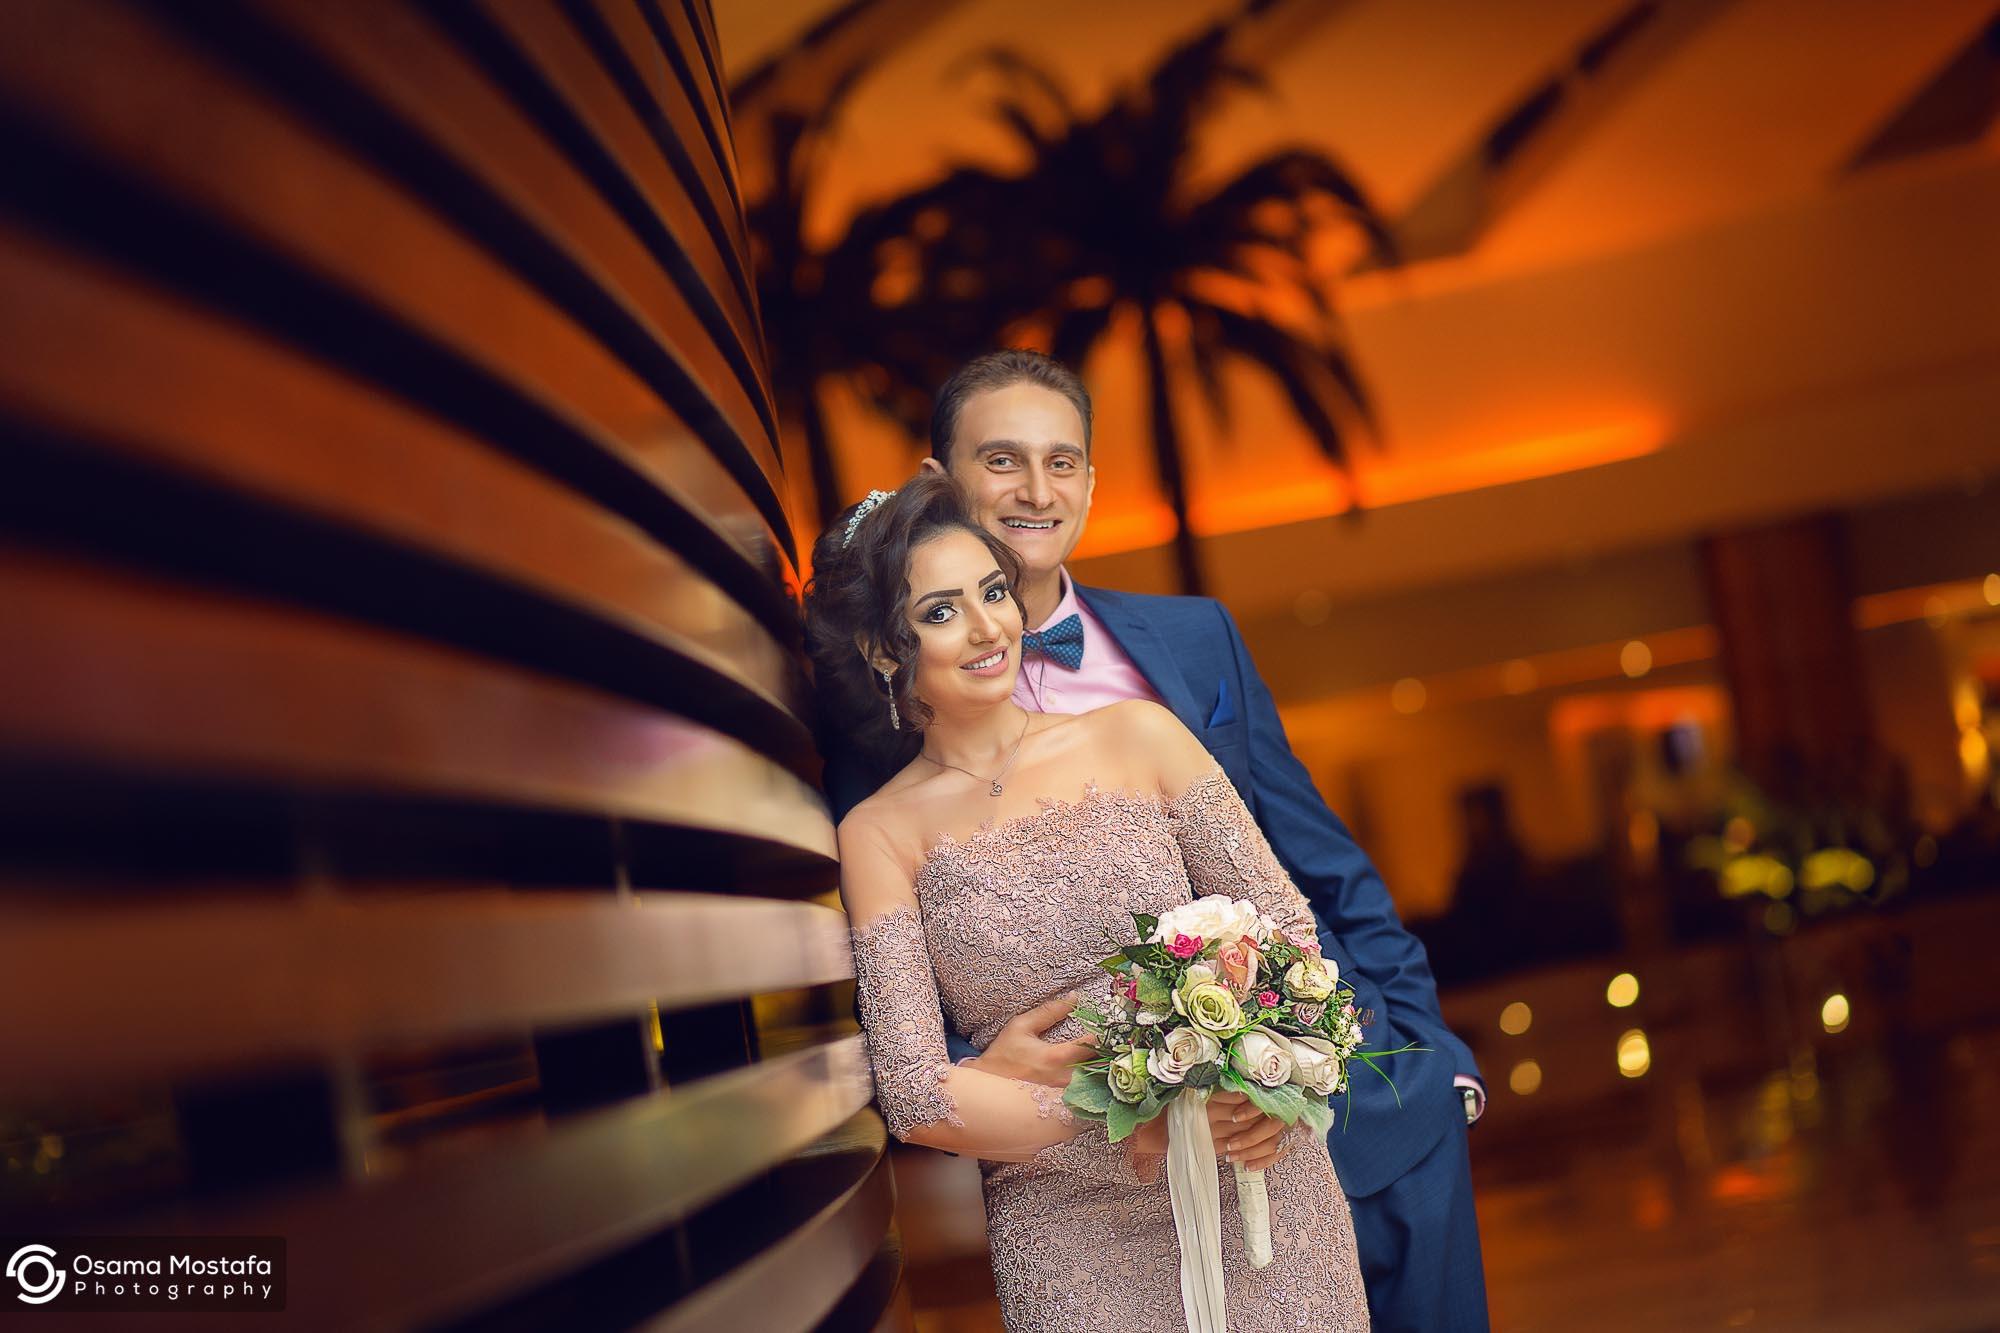 Mohamed & Noha